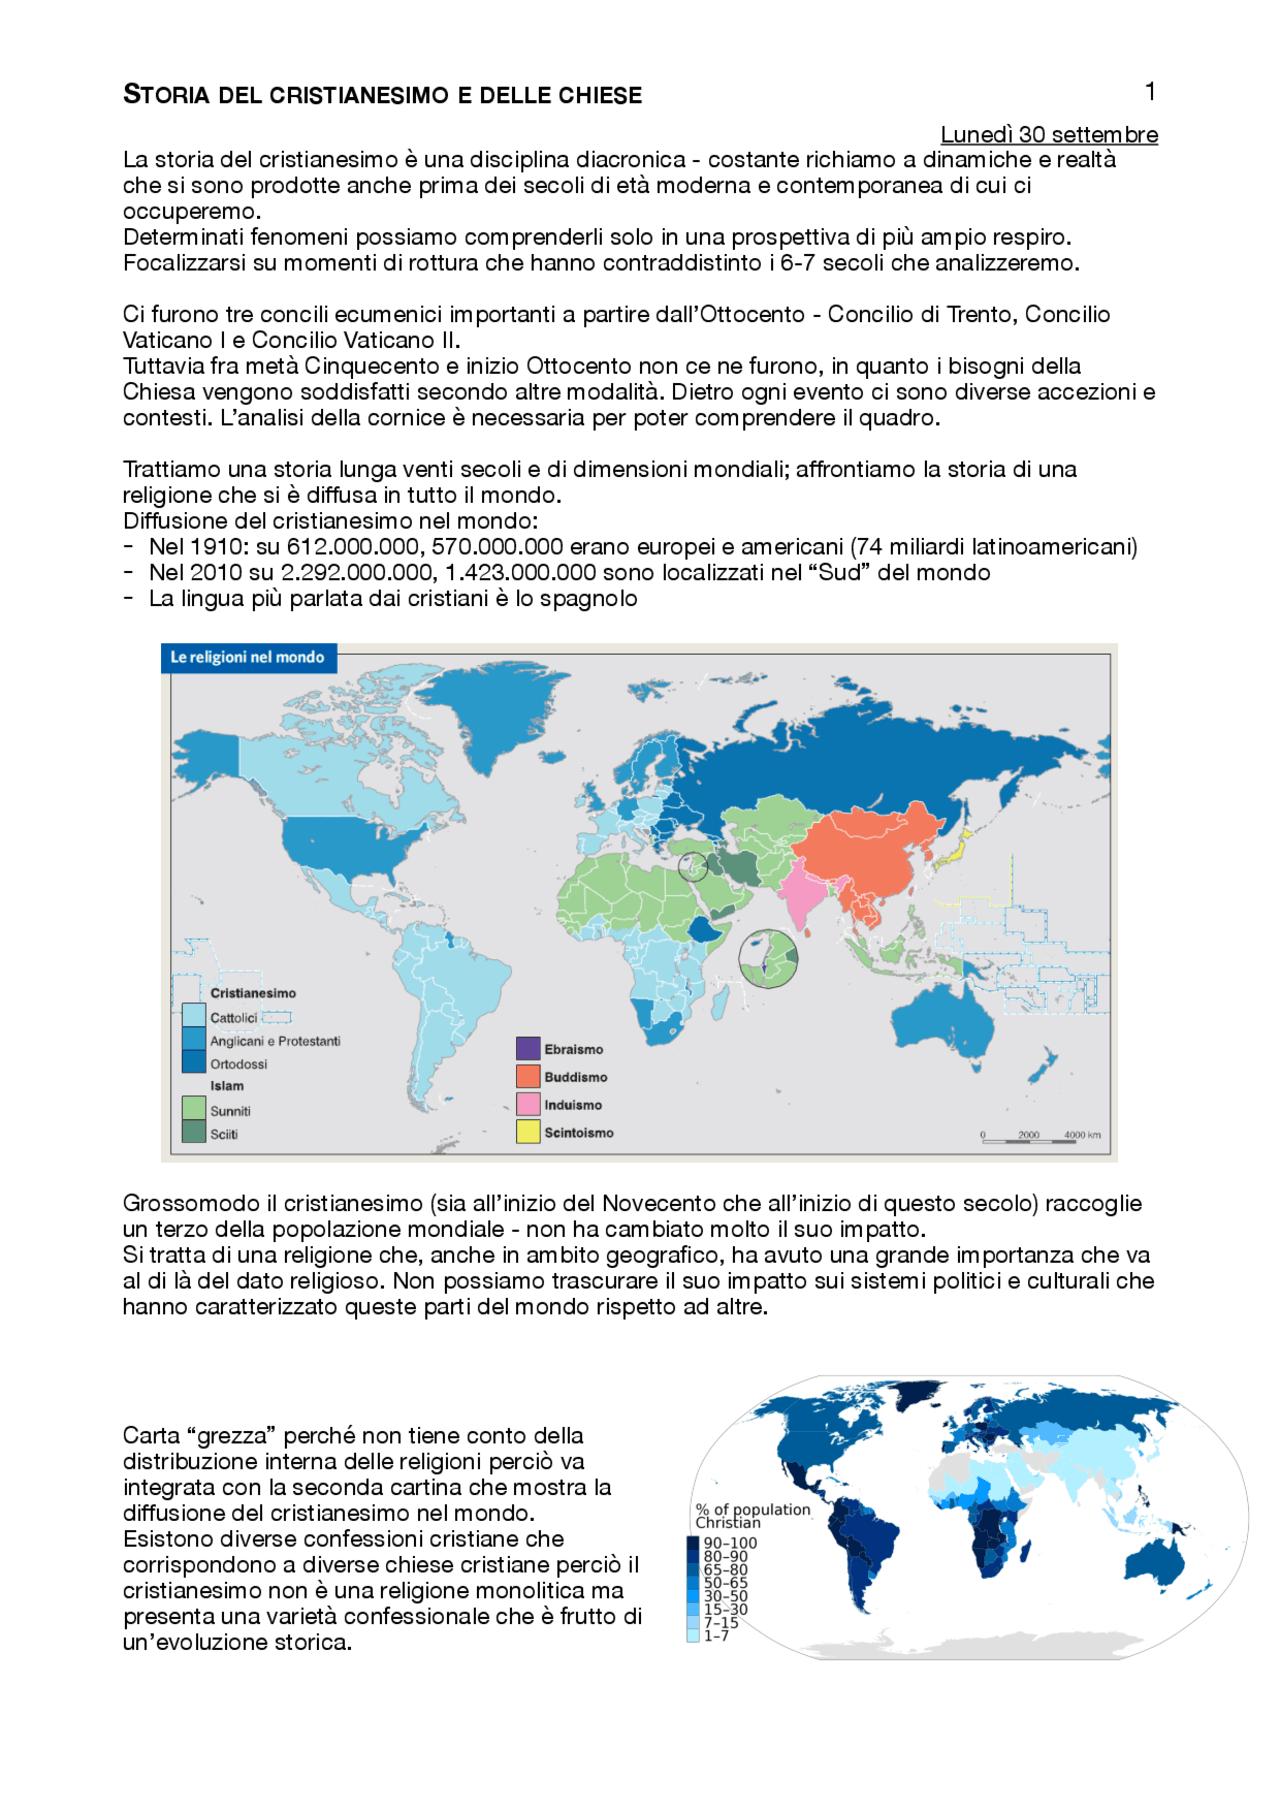 Cartina Del Mondo Con Le Diverse Religioni.Storia Del Cristianesimo E Delle Chiese Docsity